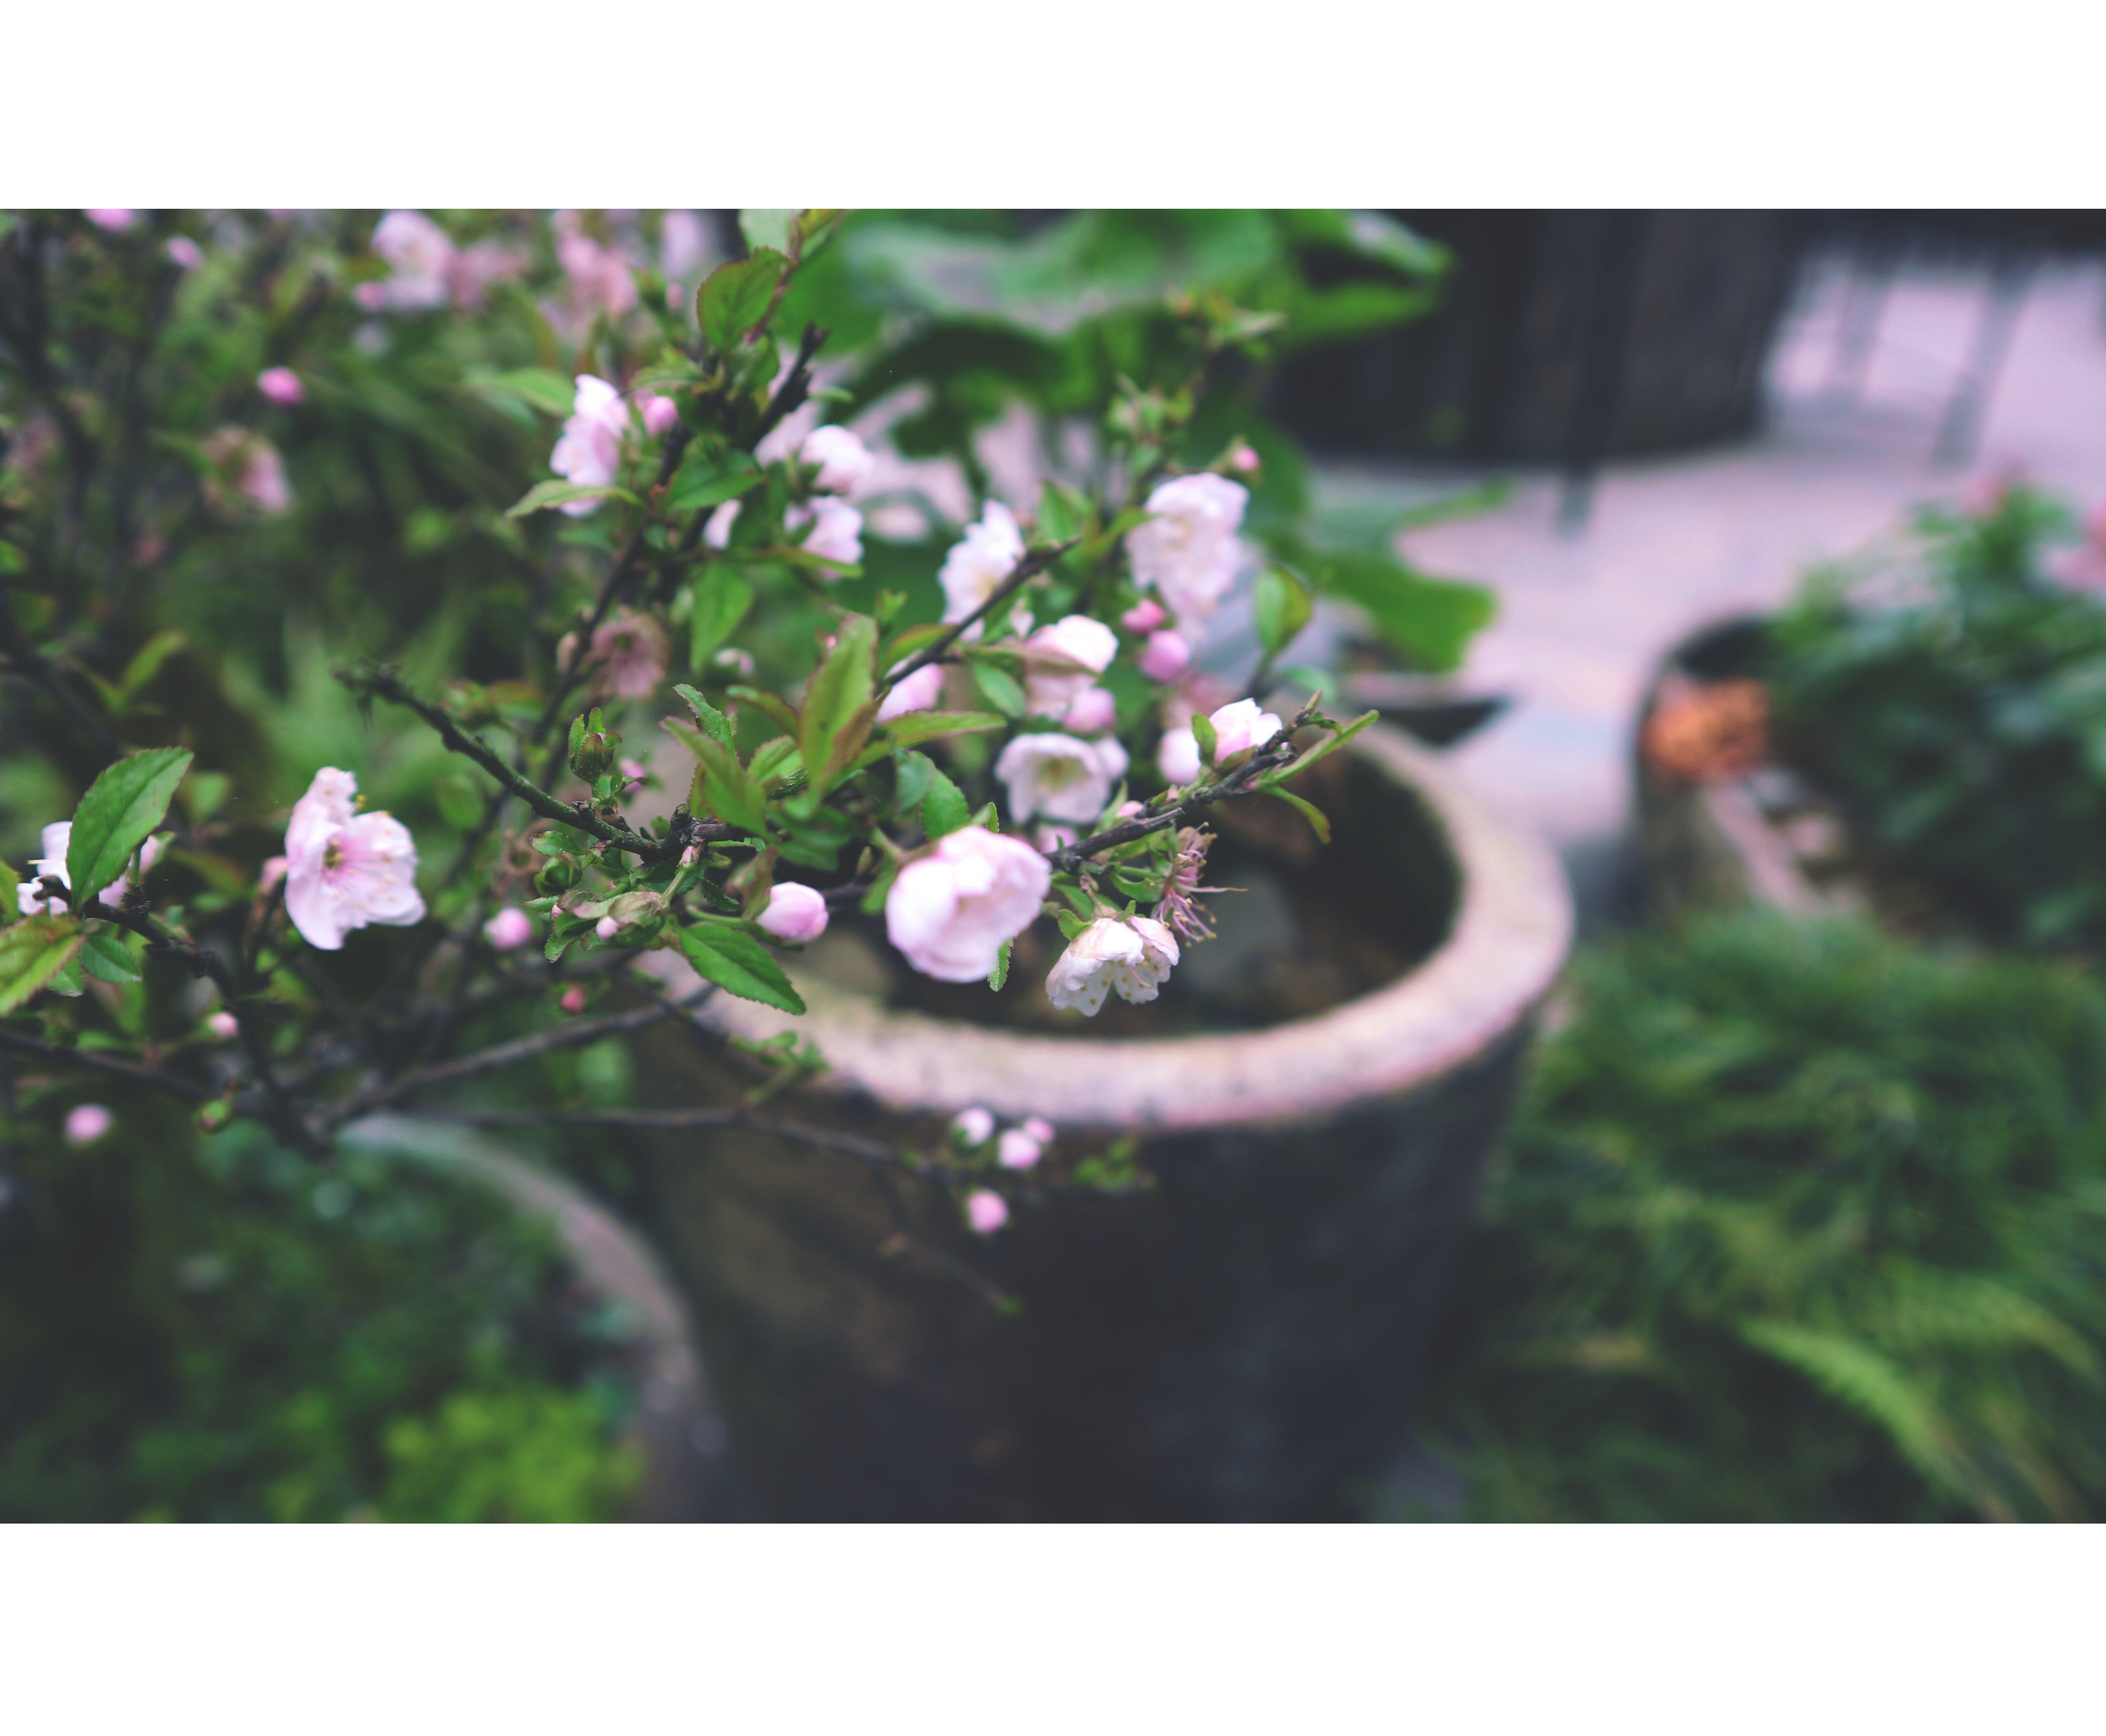 Δωρεάν στοκ φωτογραφιών με όμορφα λουλούδια, σκούρο πράσινο